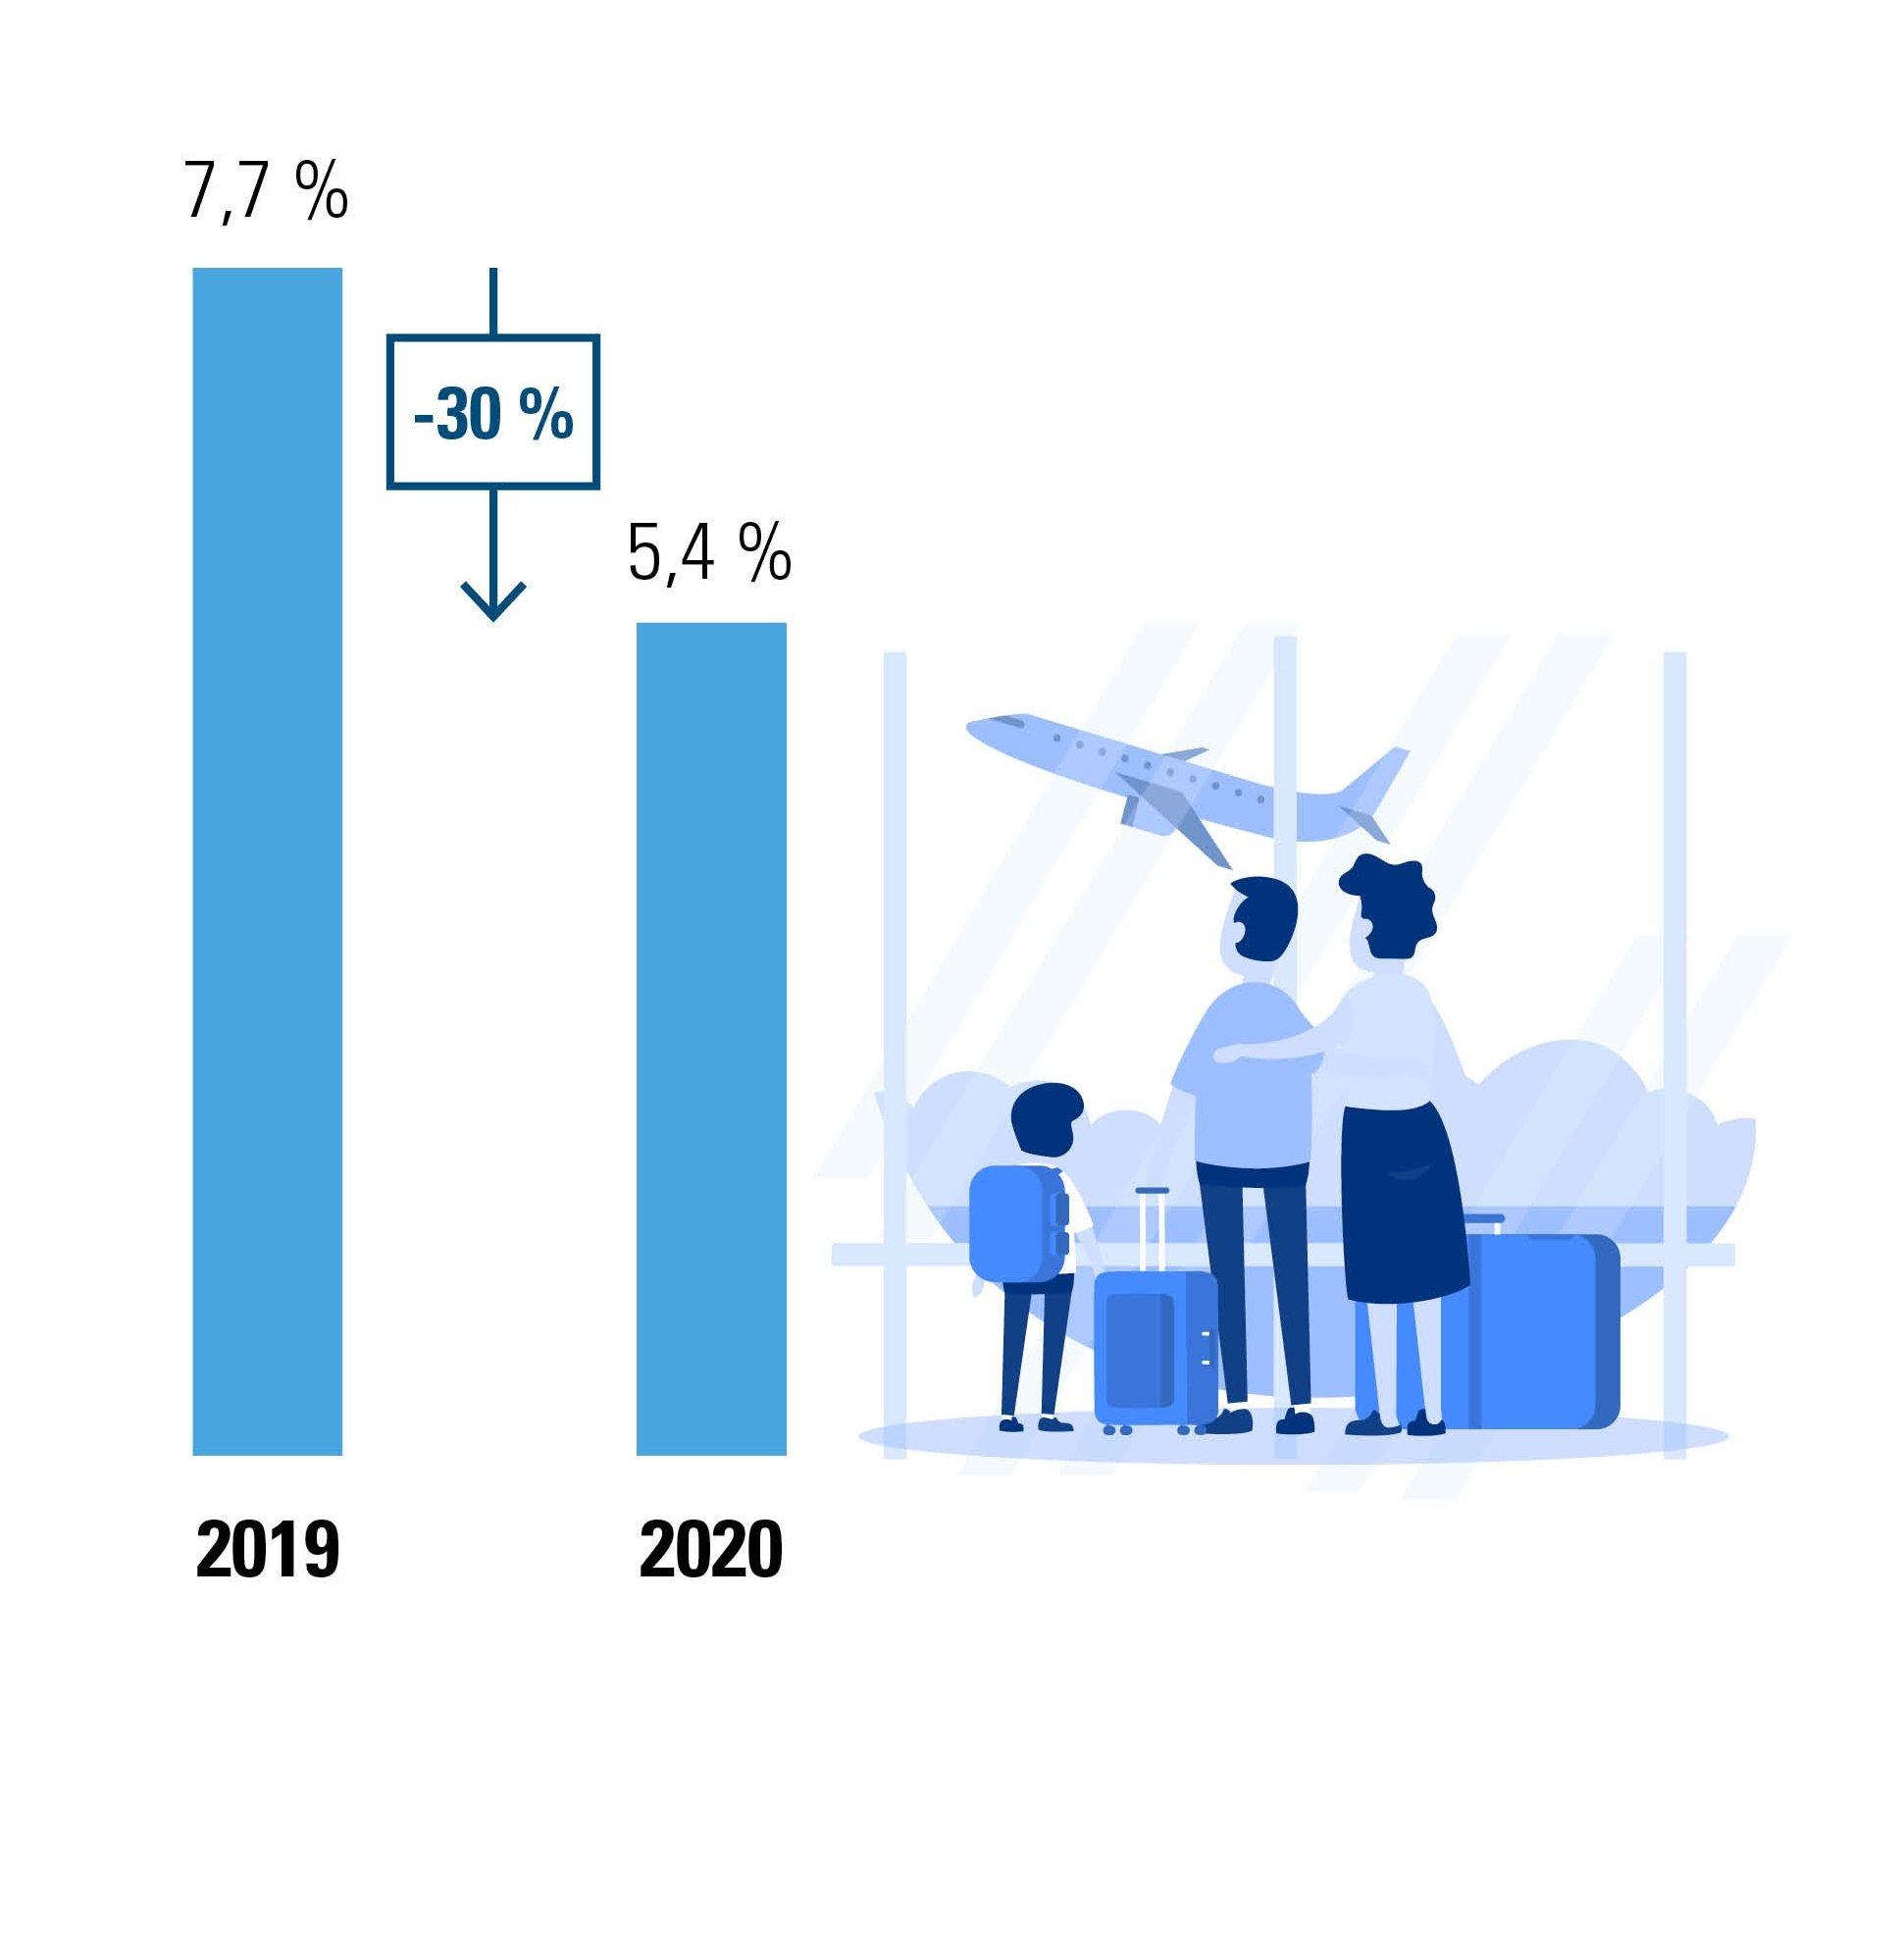 Figuur 2: % opgenomen wettelijke vakantie tijdens de paasvakantie, vergelijking 2019-2020